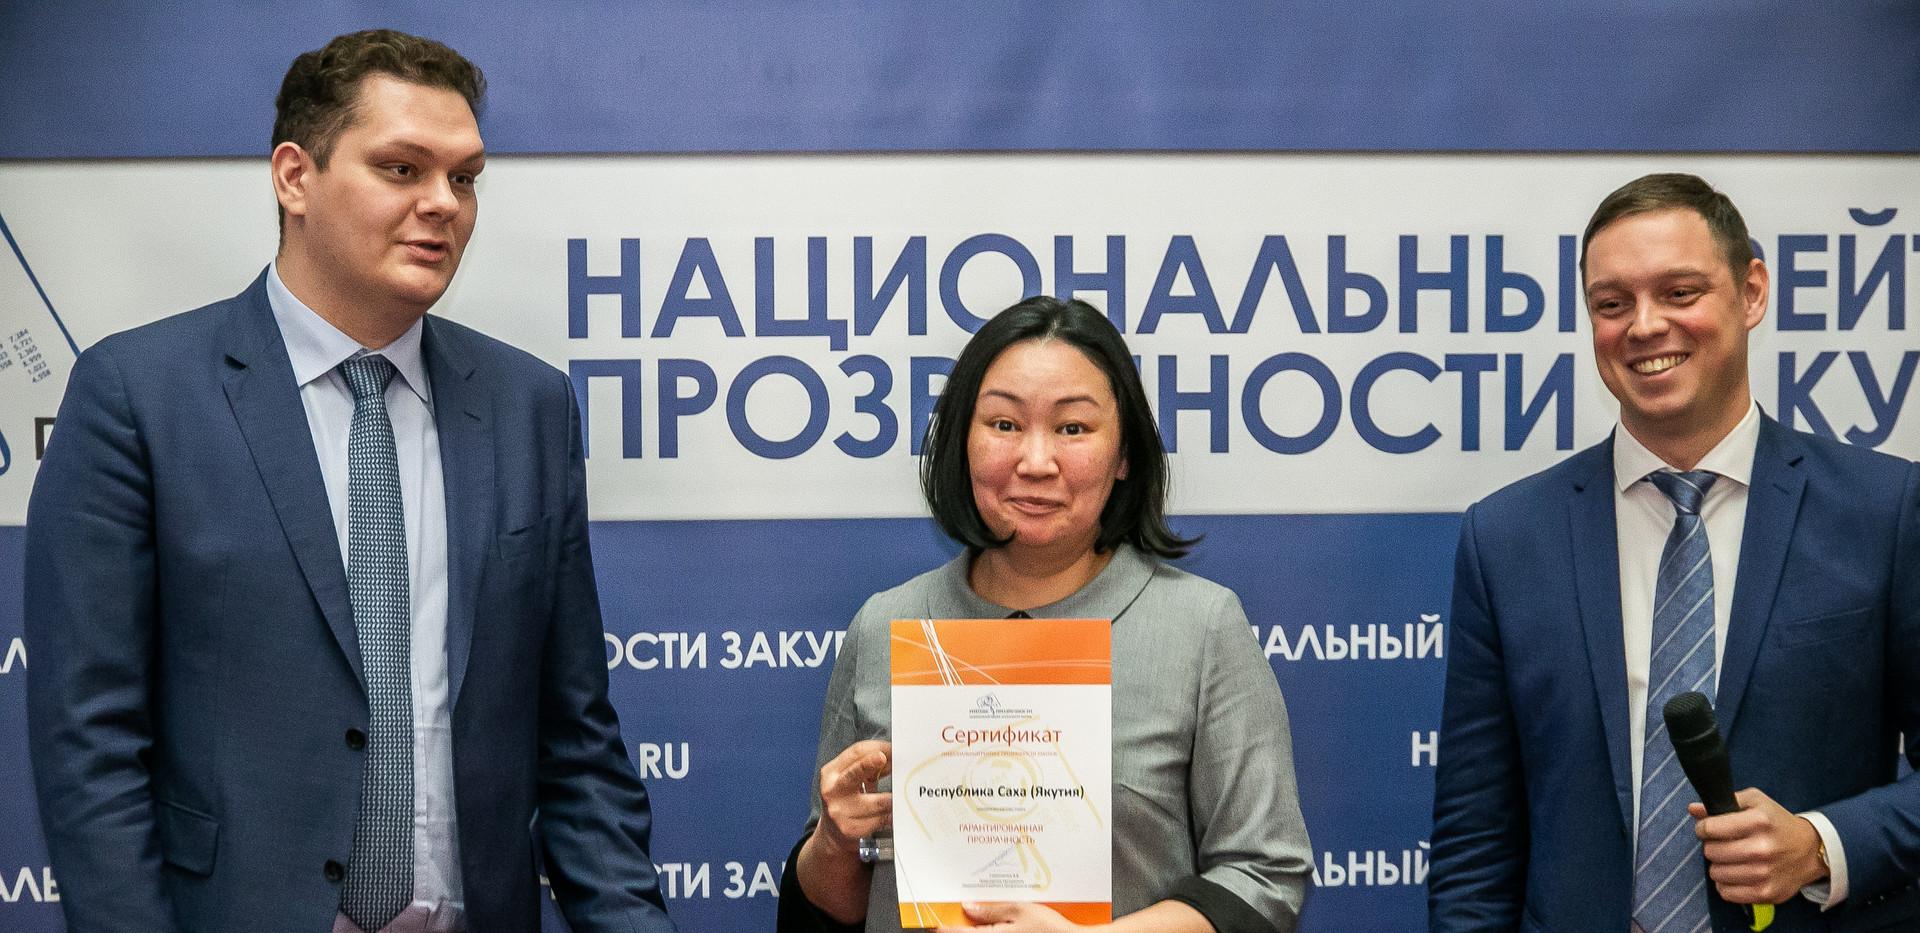 РЗ - 9 -Саха Якутия.jpg